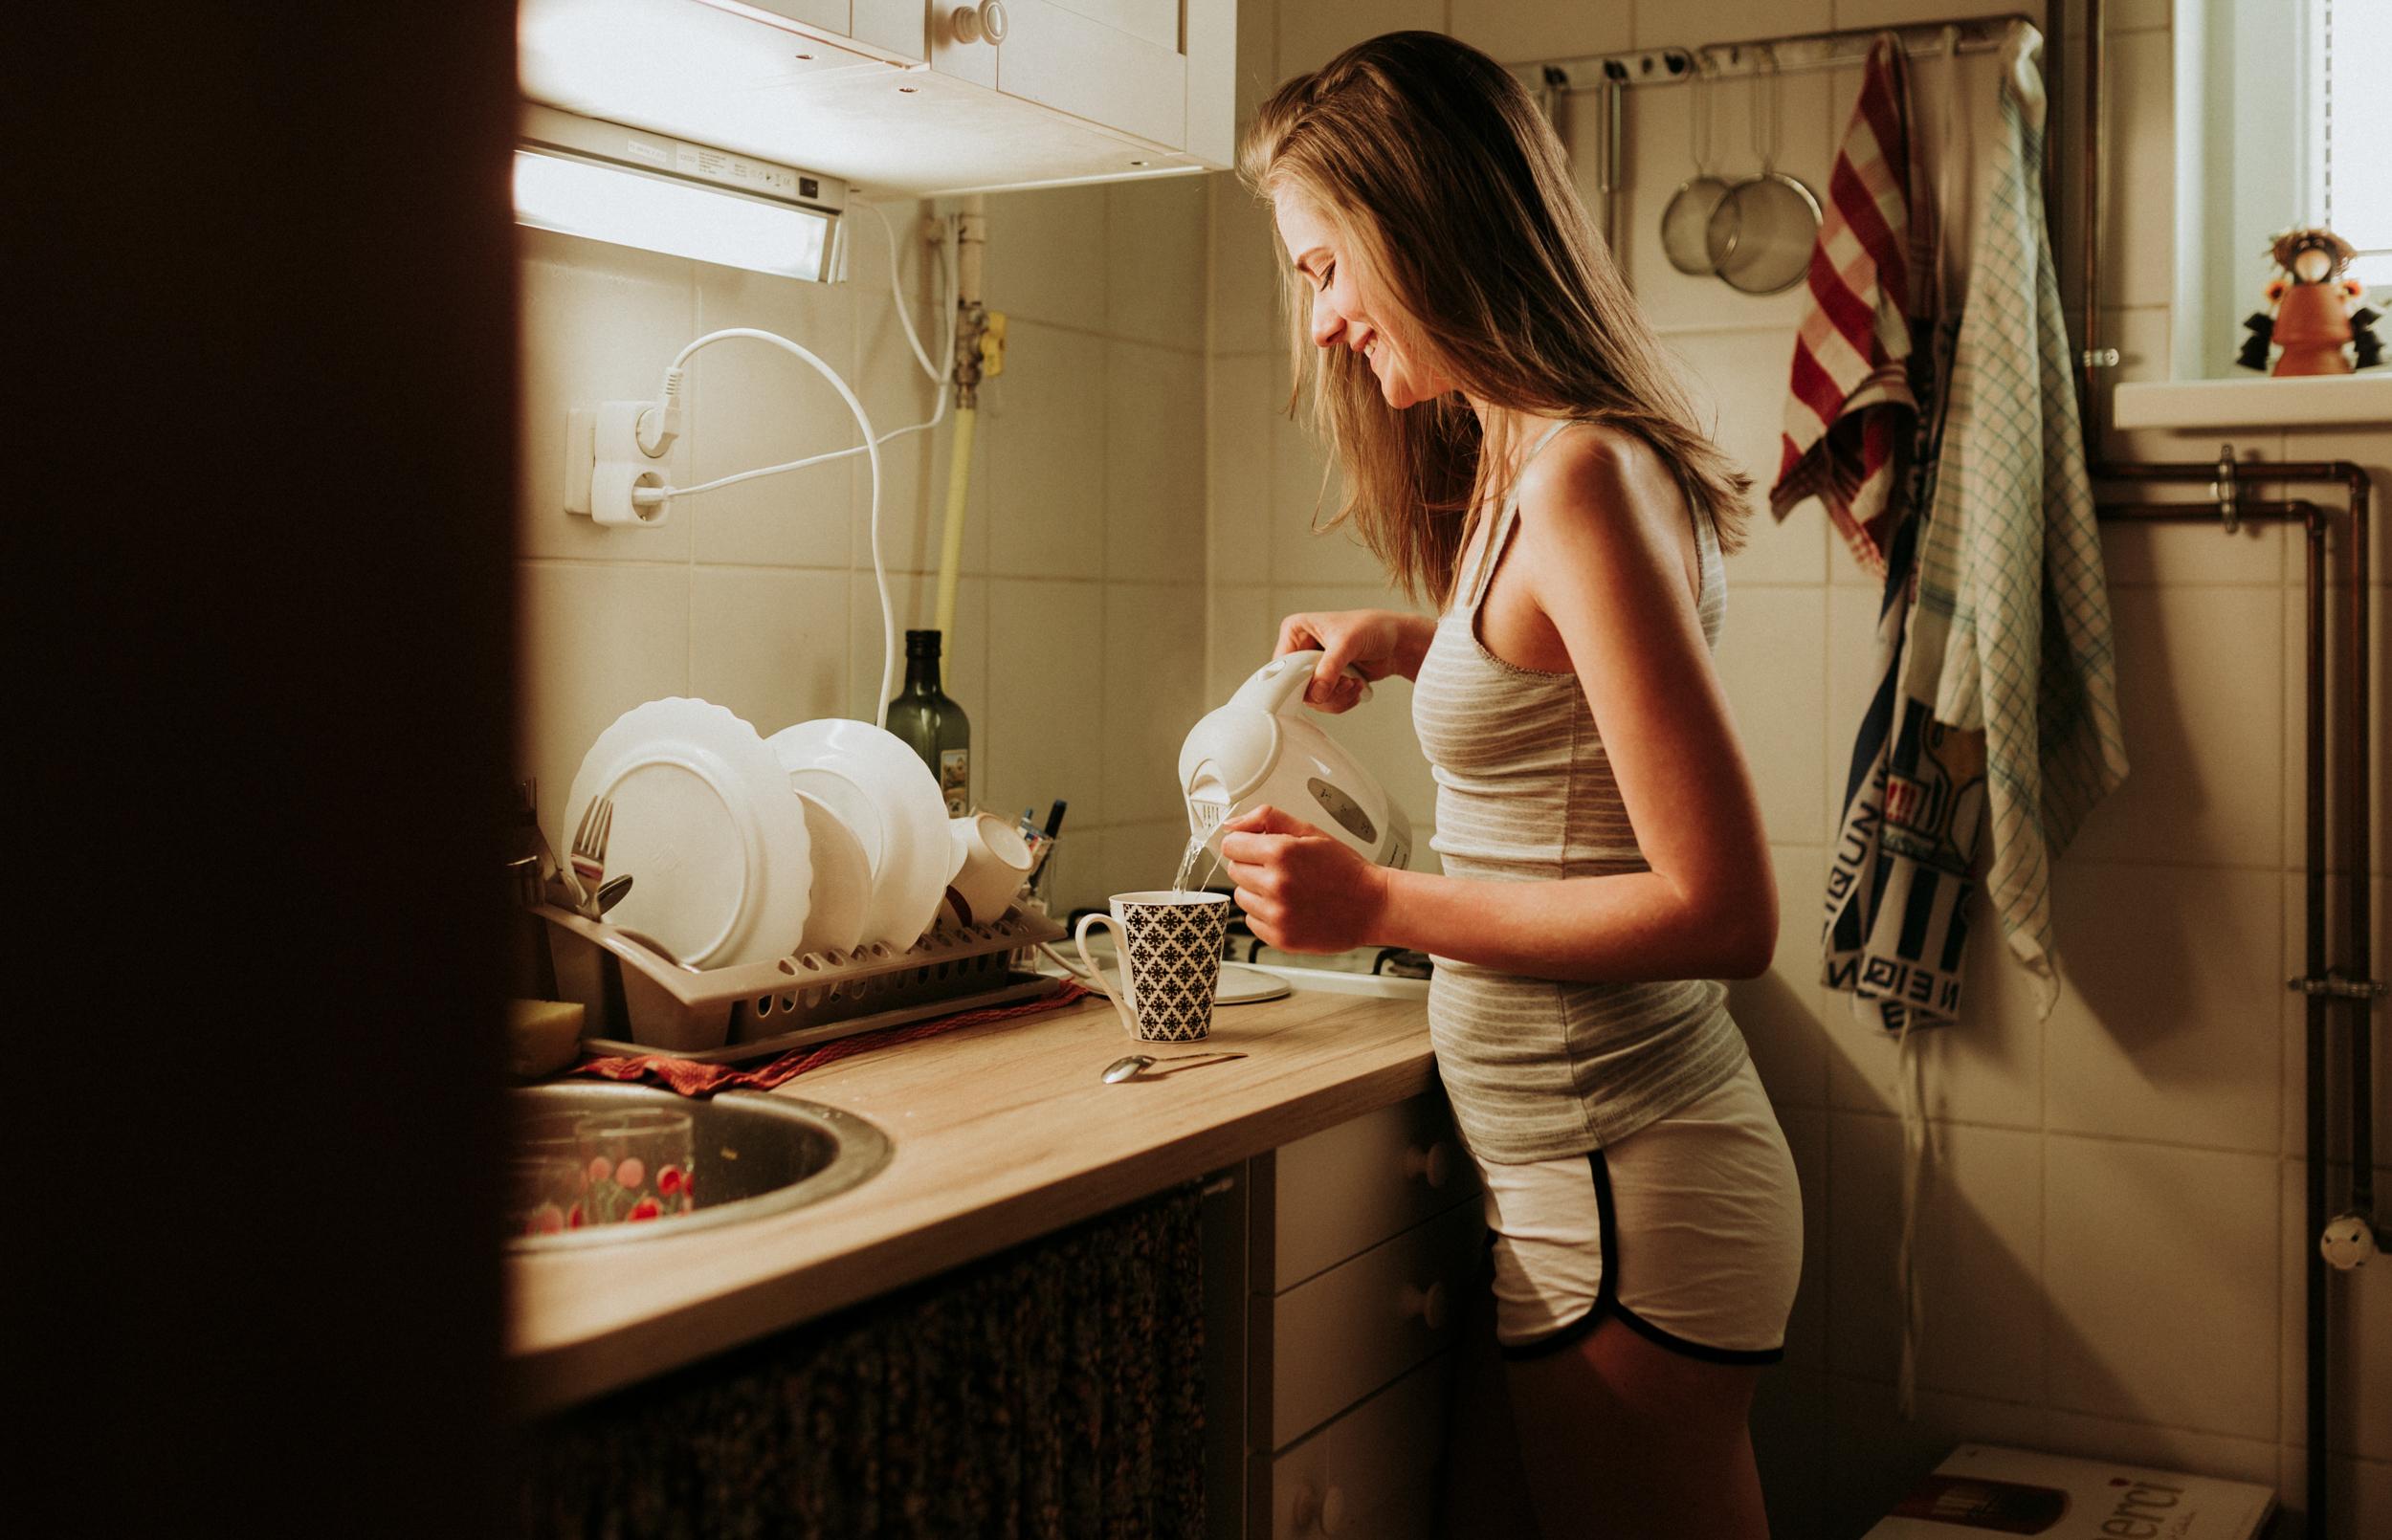 Molly otthoni lifestyle portré fotó. A vízforraló.